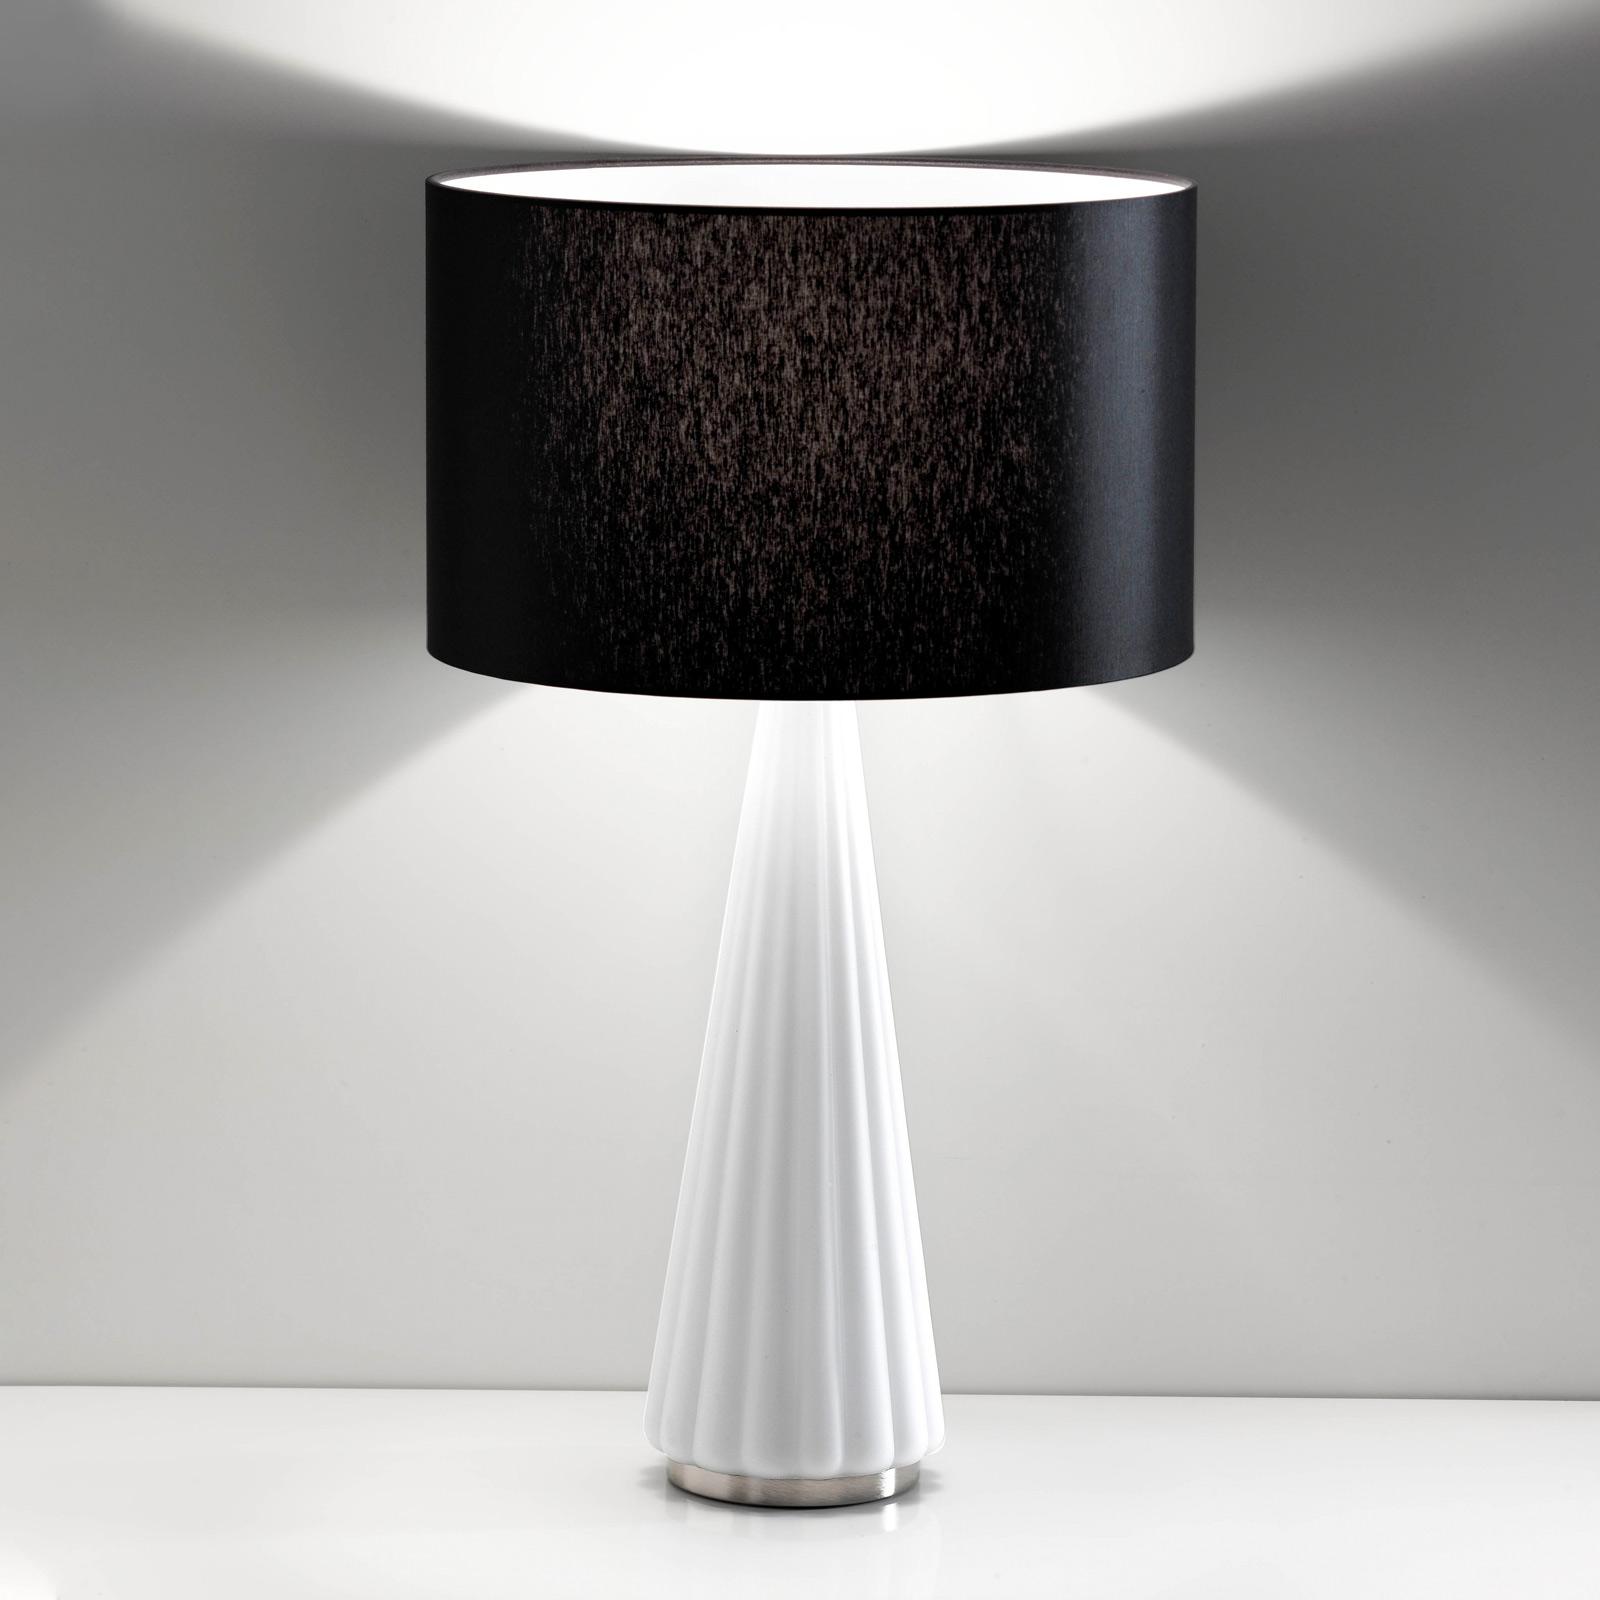 Tafellamp Costa Rica kap zwart, voet wit